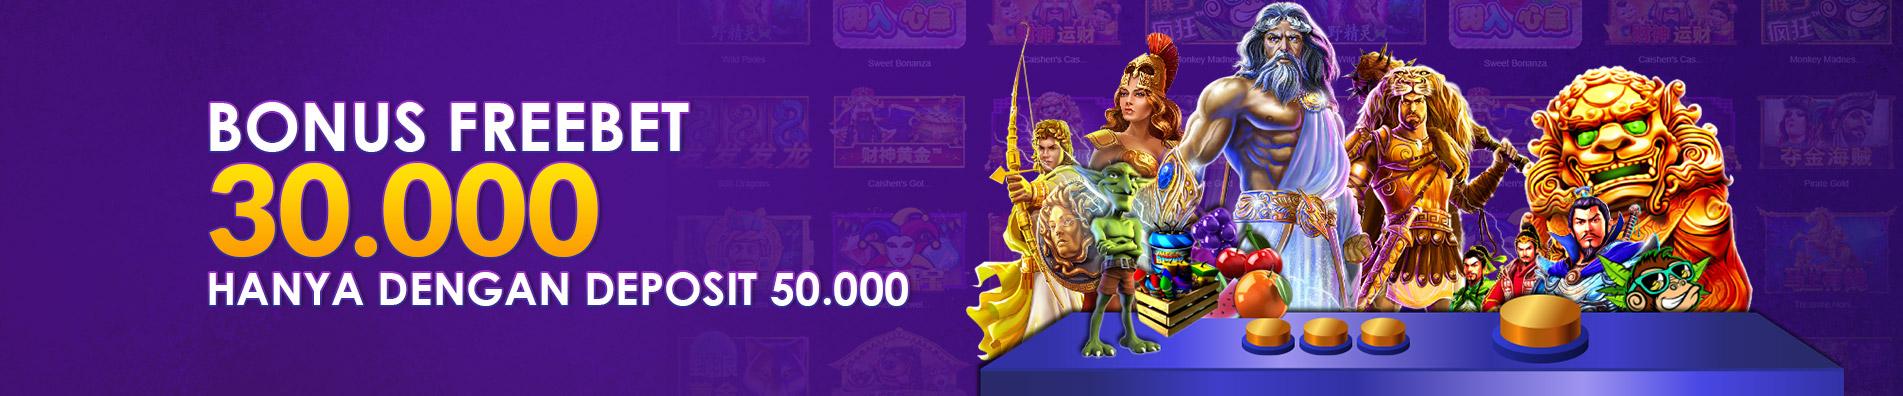 PROMO FREEBET Rp 30.000